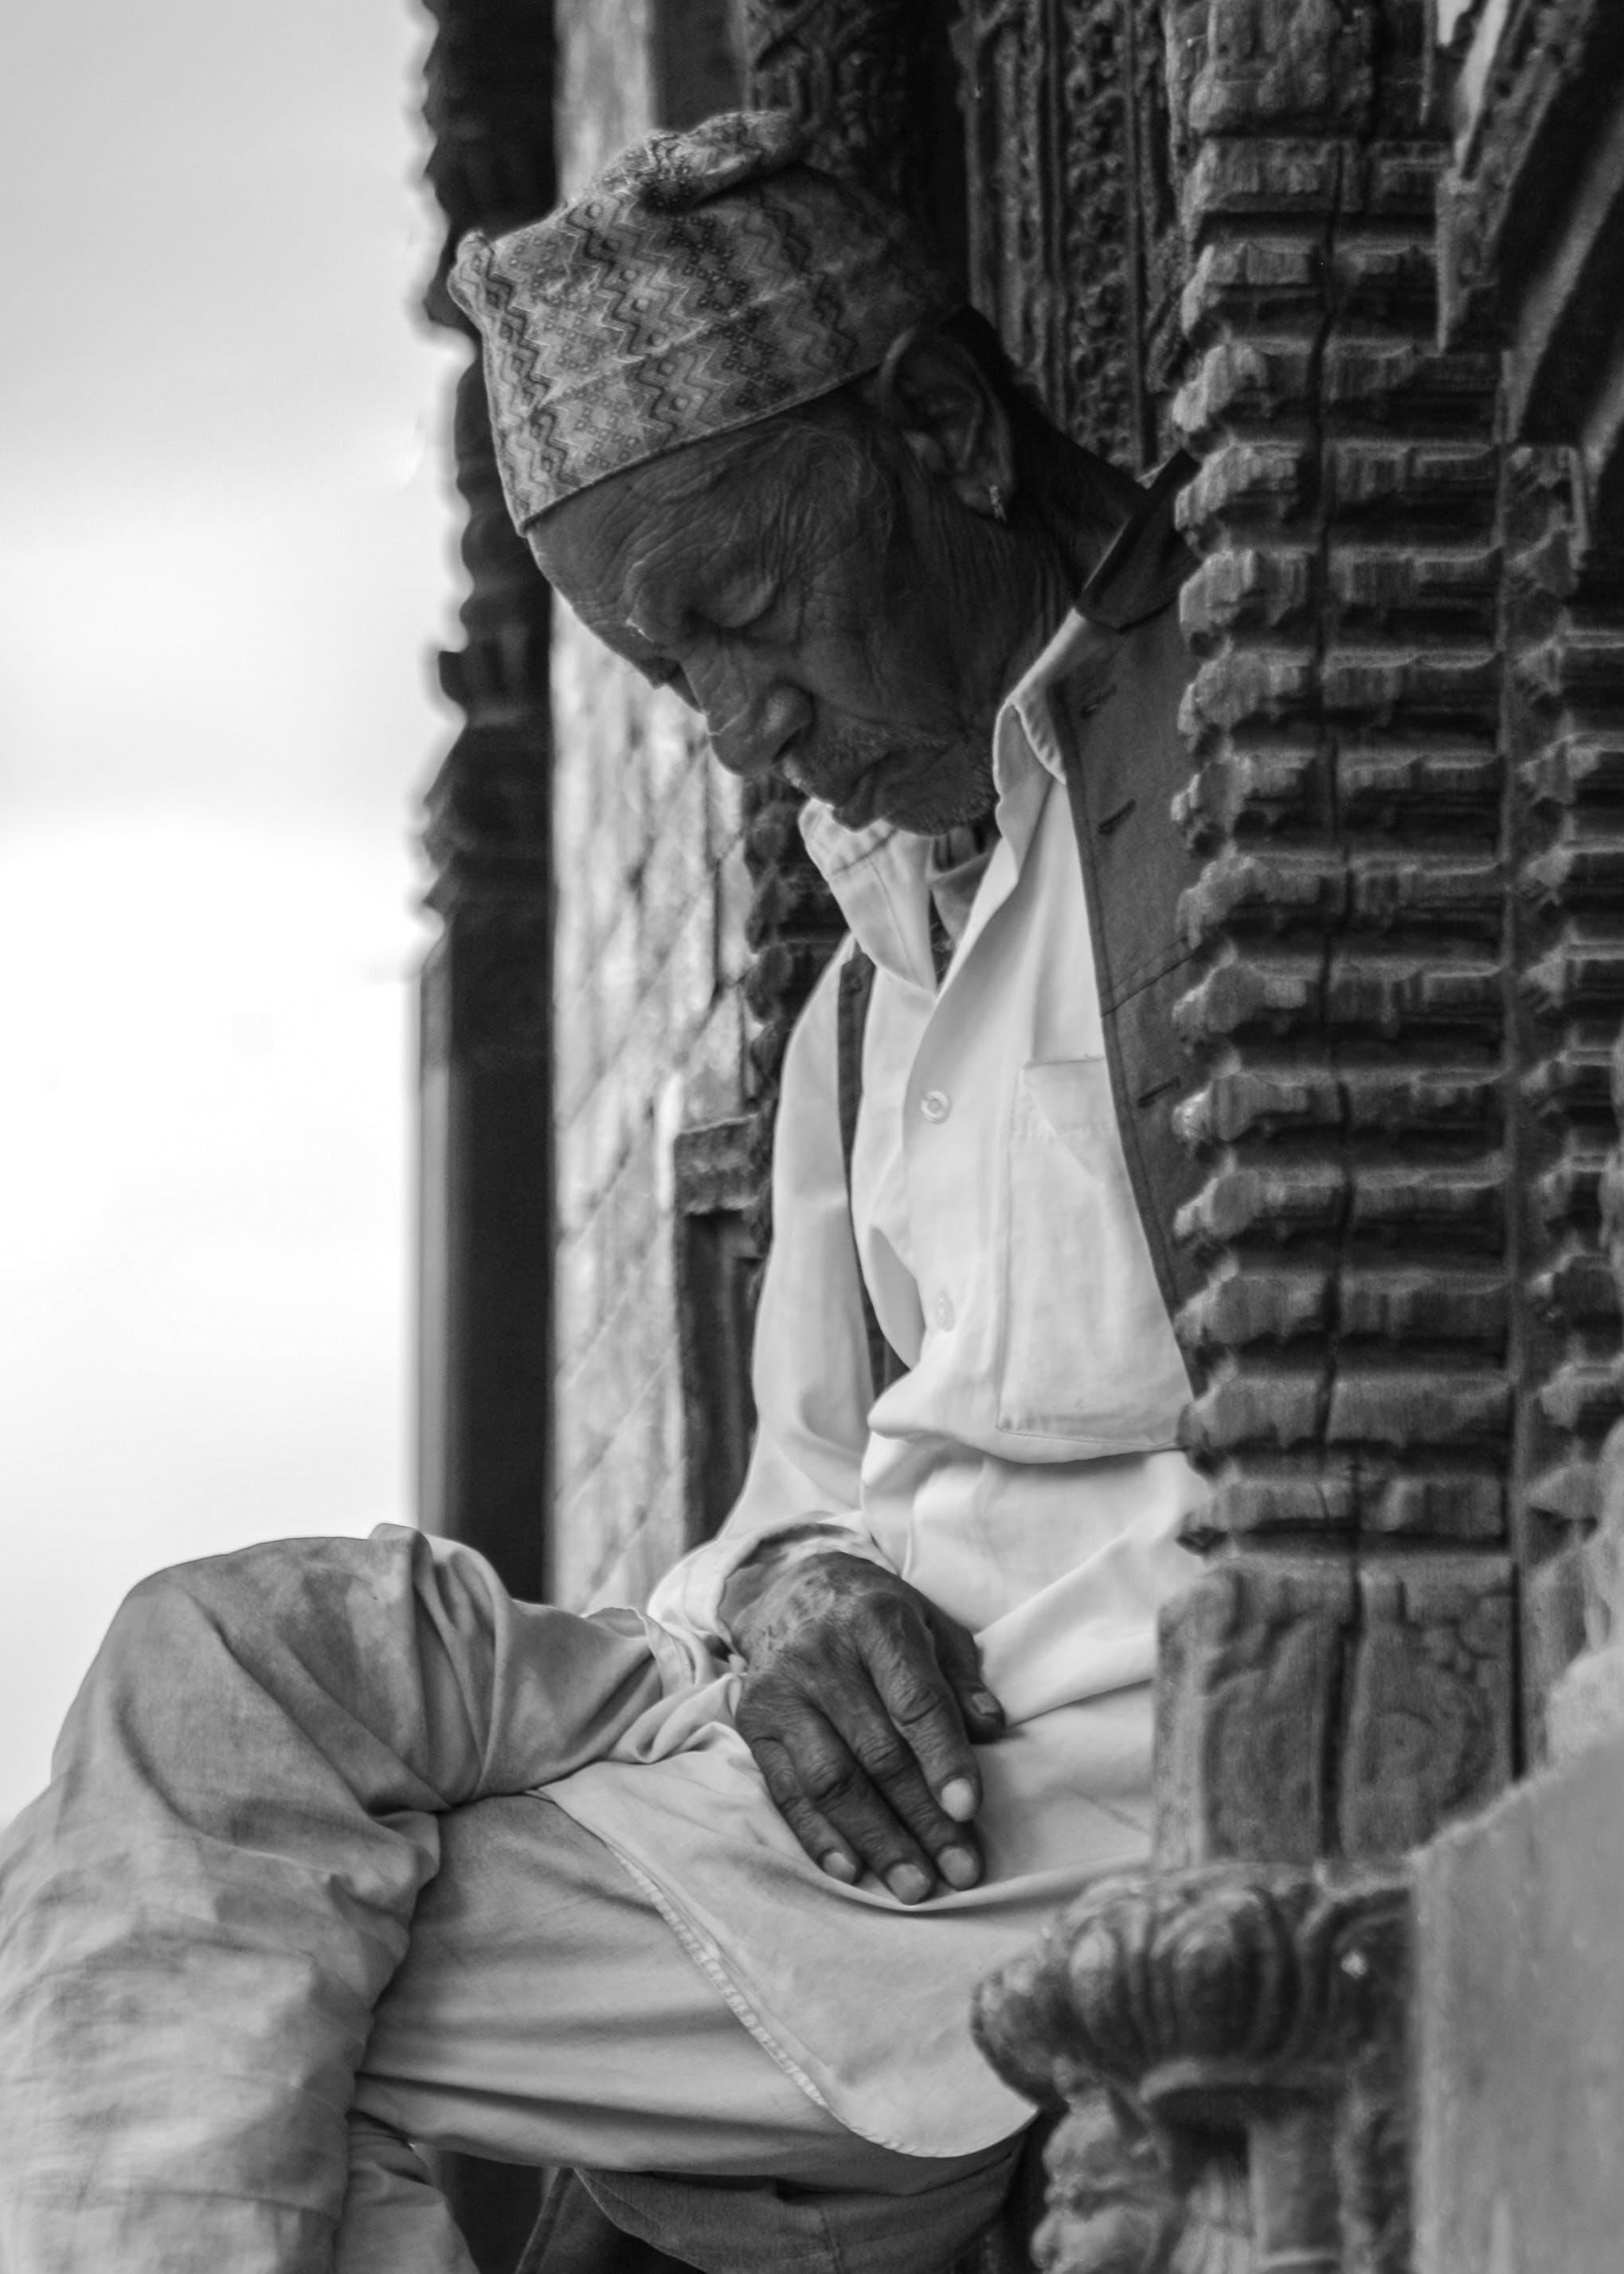 Kostenloses Stock Foto zu alter mann, einfarbig, erwachsener, fokus